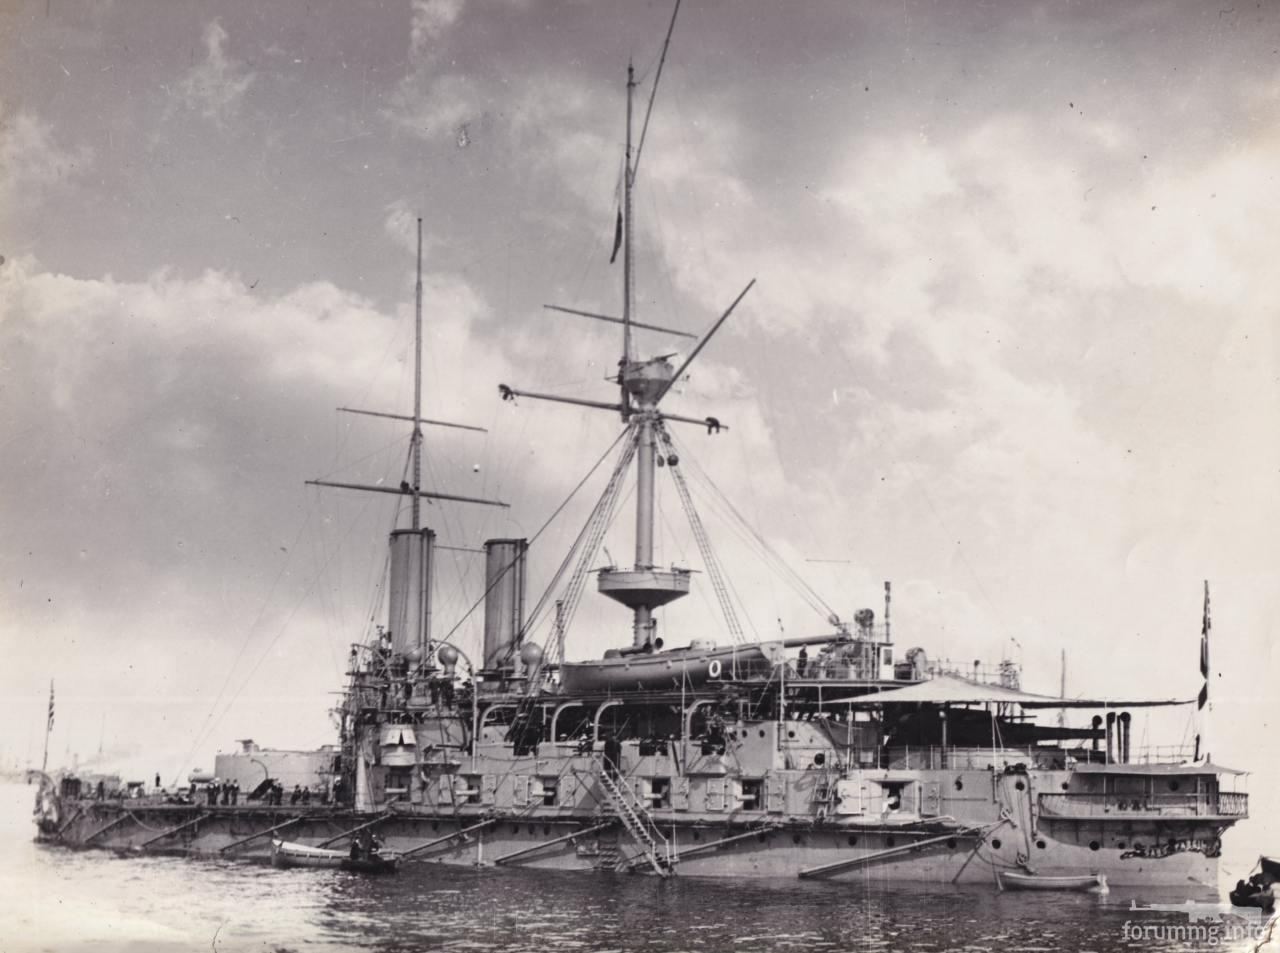 118034 - HMS Sans Pareil